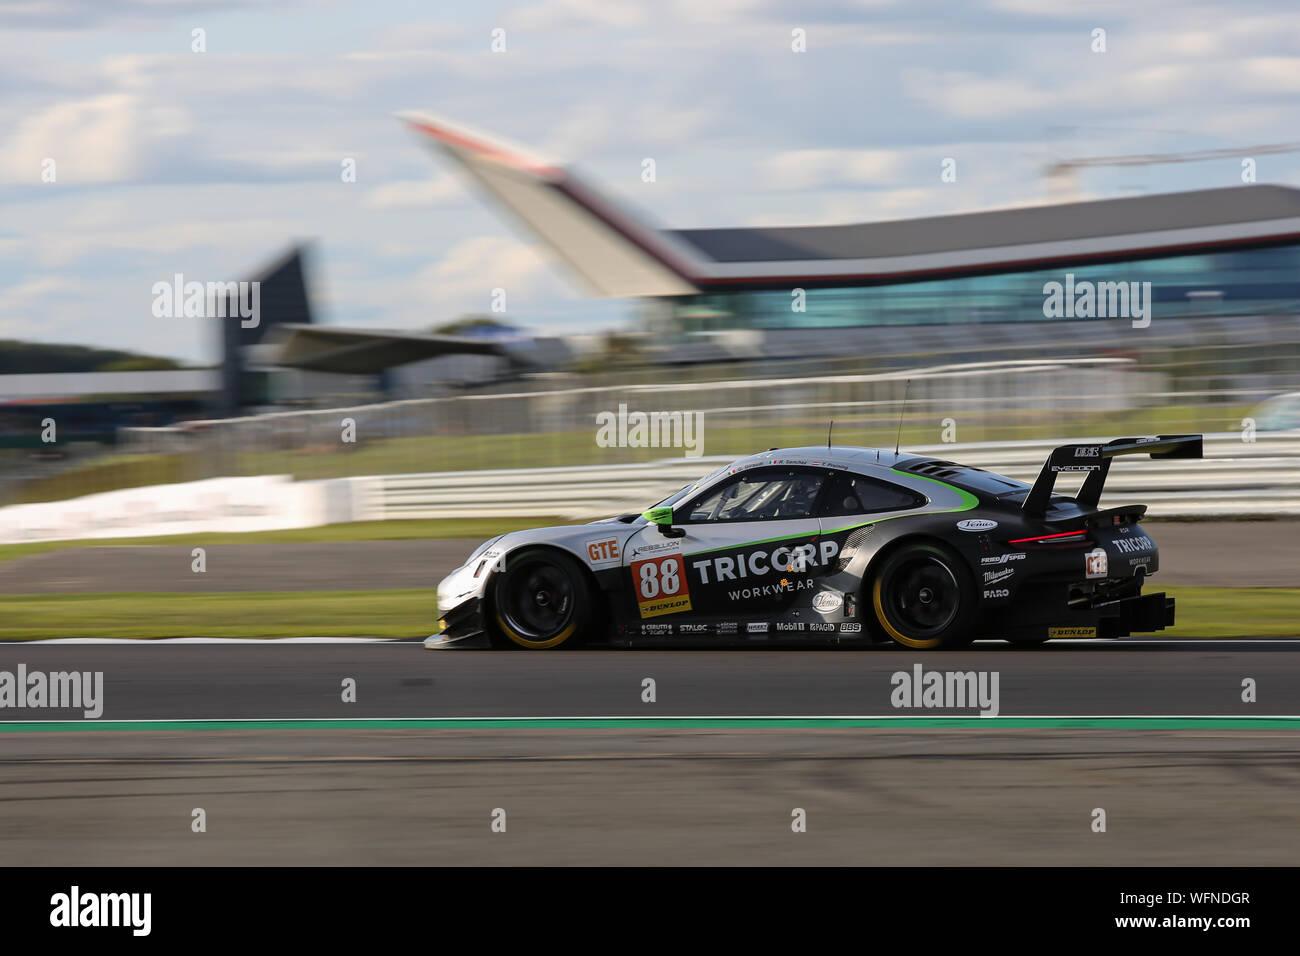 The #88 Dempsey-Proton Racing Proton Racing Porsche 911 RSR of Thomas Preining, Ricardo Sanchez and Gianluca Giraudi during the European Le Mans Serie Stock Photo